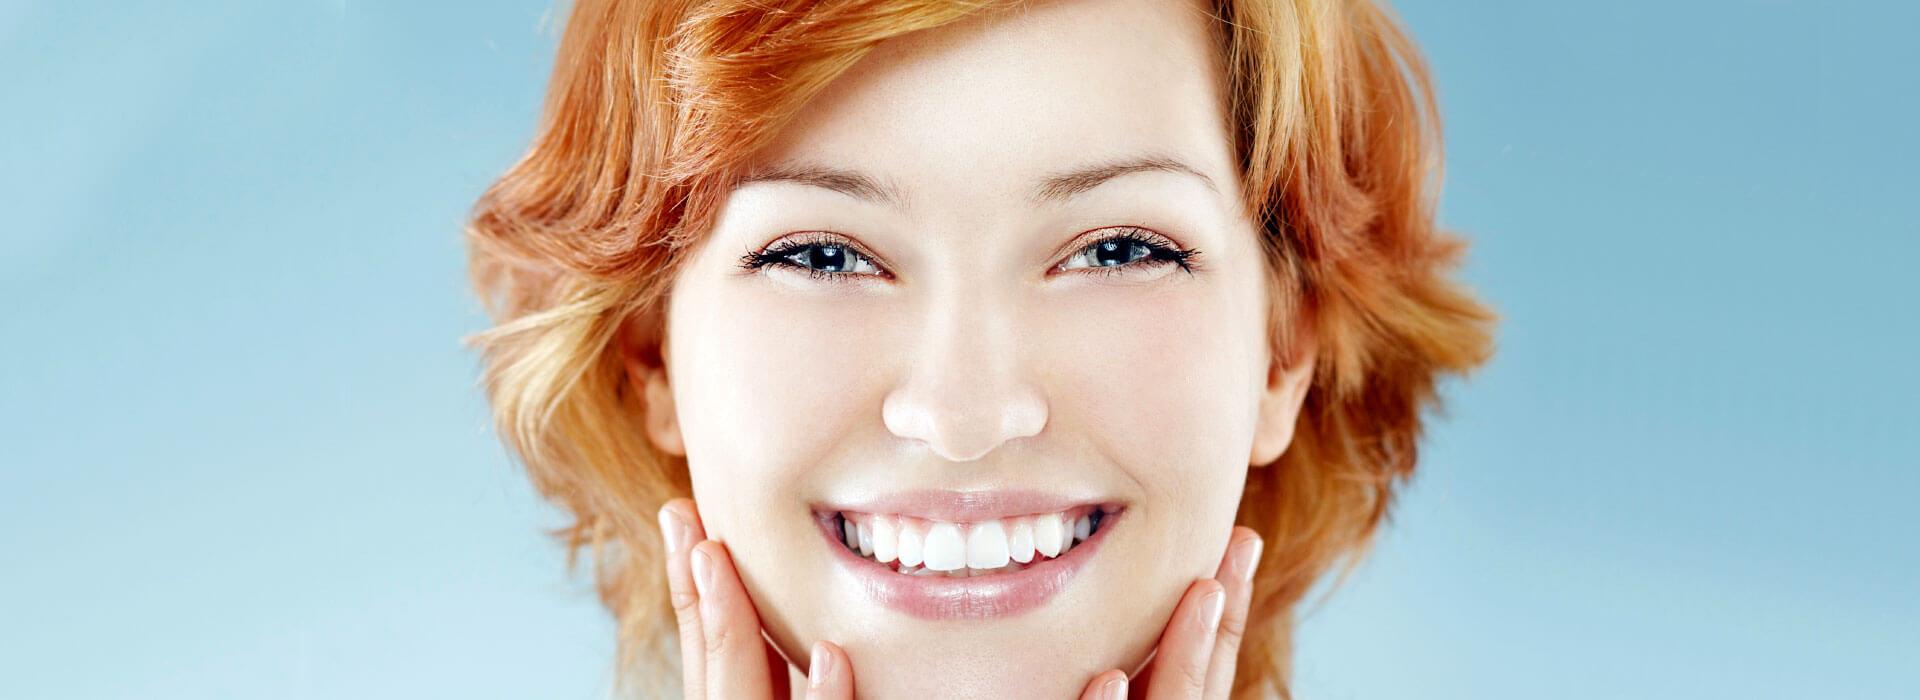 Teeth Whitening in Ajax, Ontario